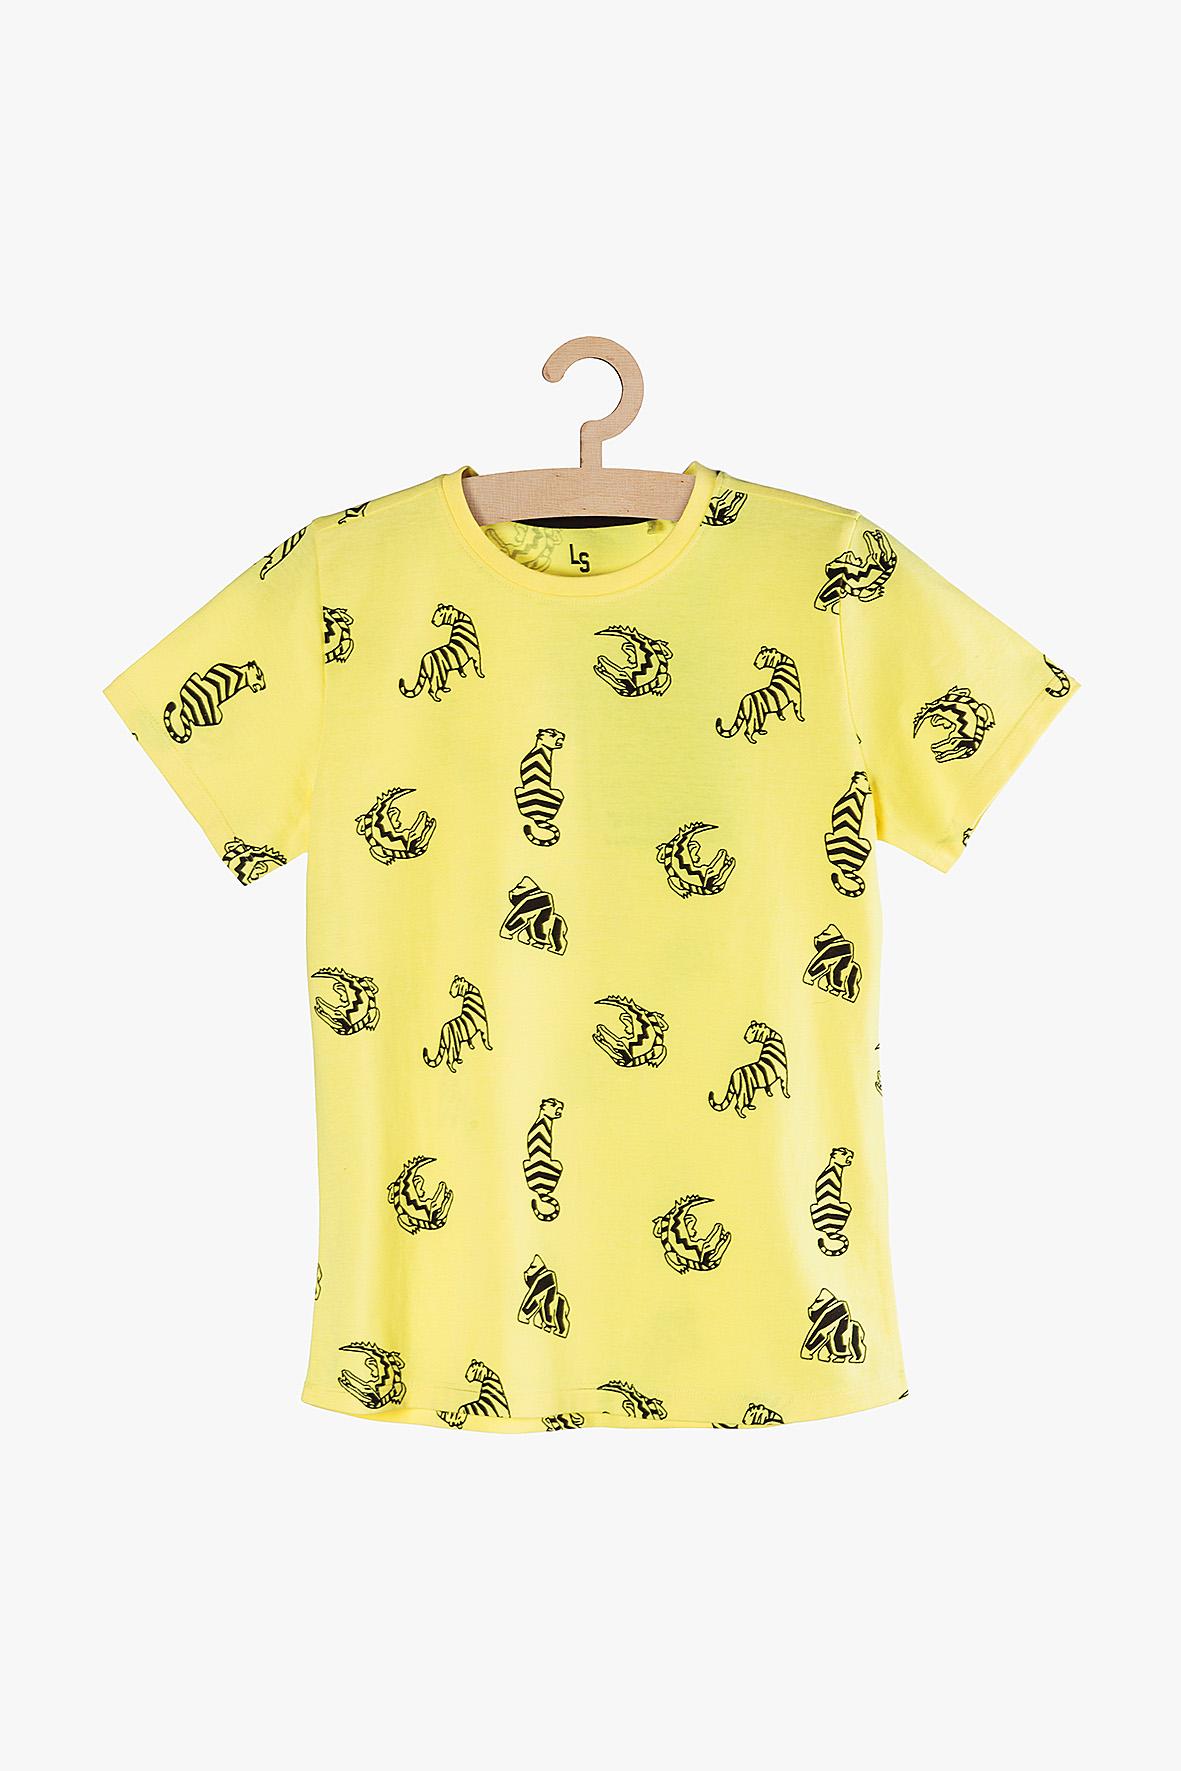 T-Shirt chłopięcy żółty 2I3843